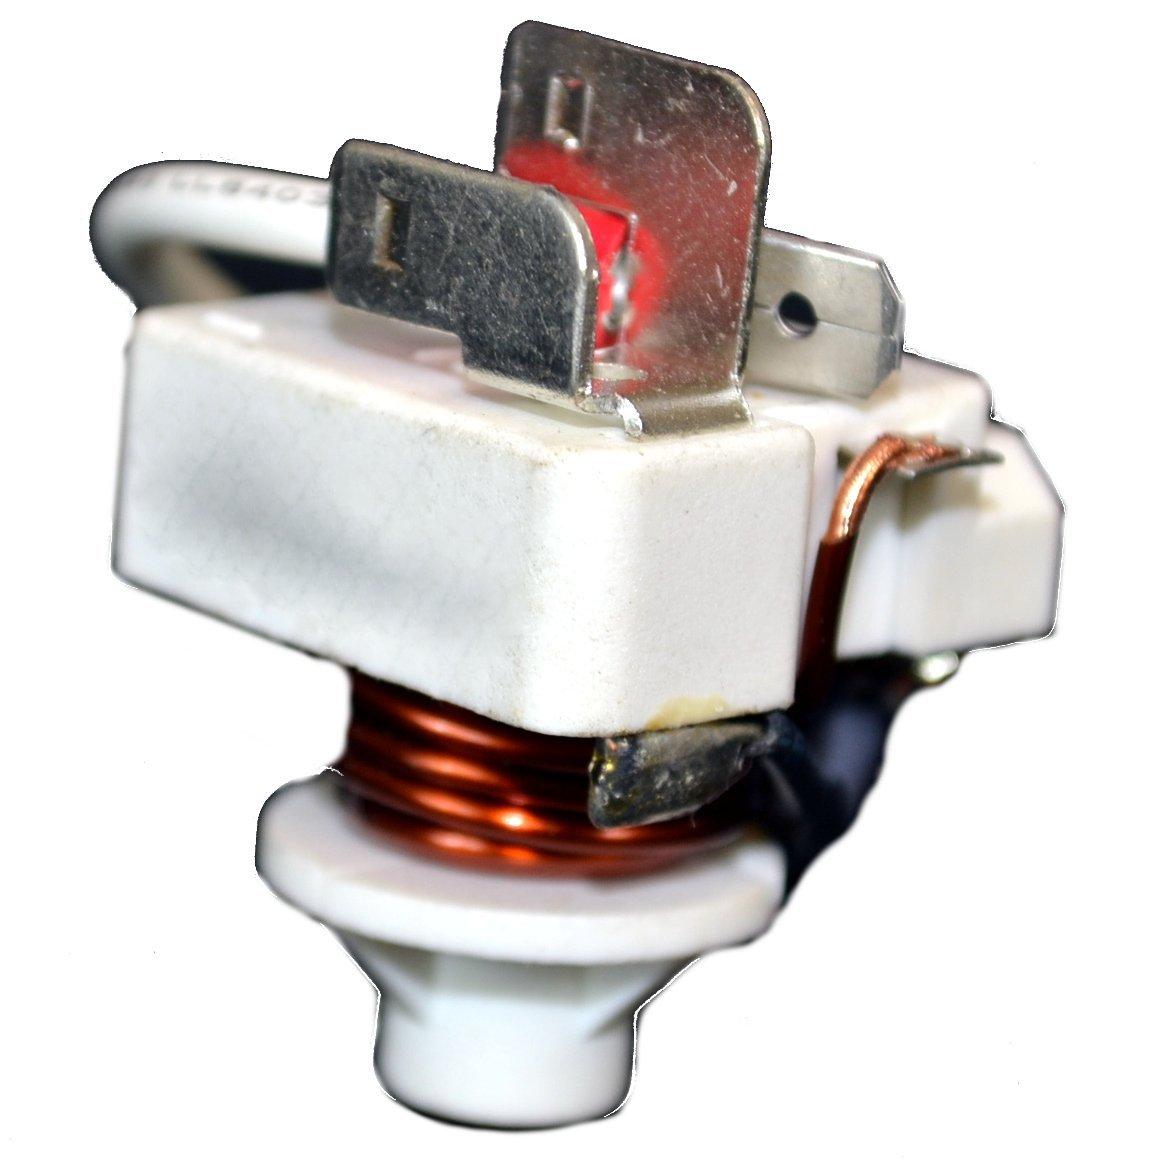 Relay, 600V, 16 AWG - for Crathco D-35 Beverage Dispenser